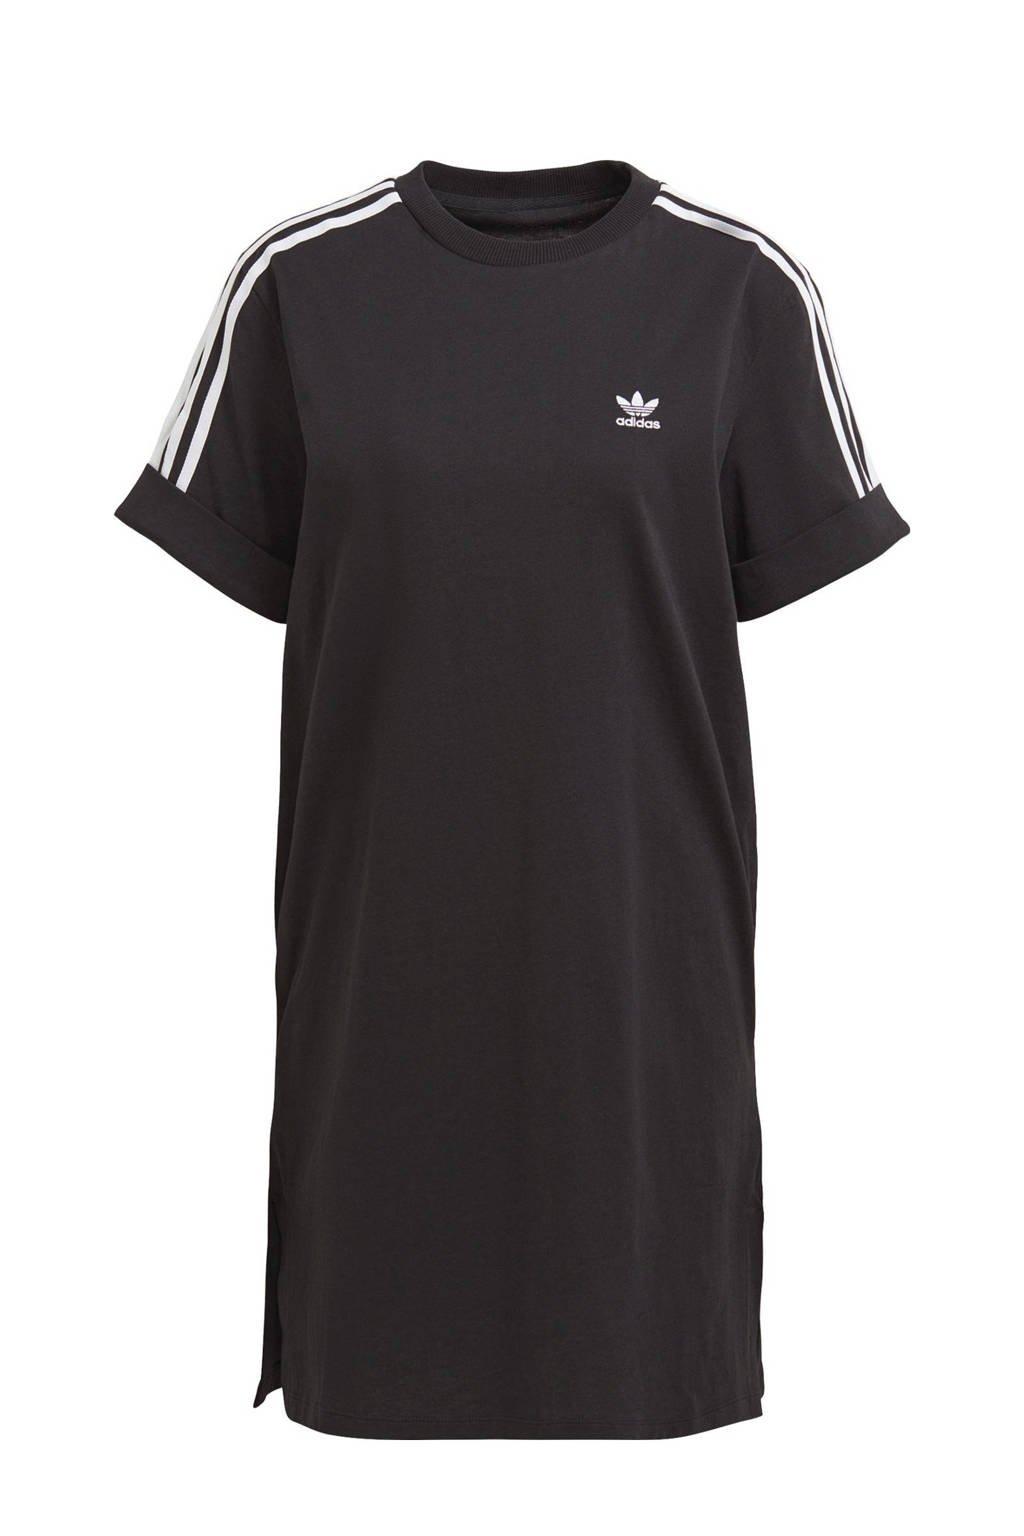 adidas Originals Adicolor T-shirt jurk zwart, Zwart